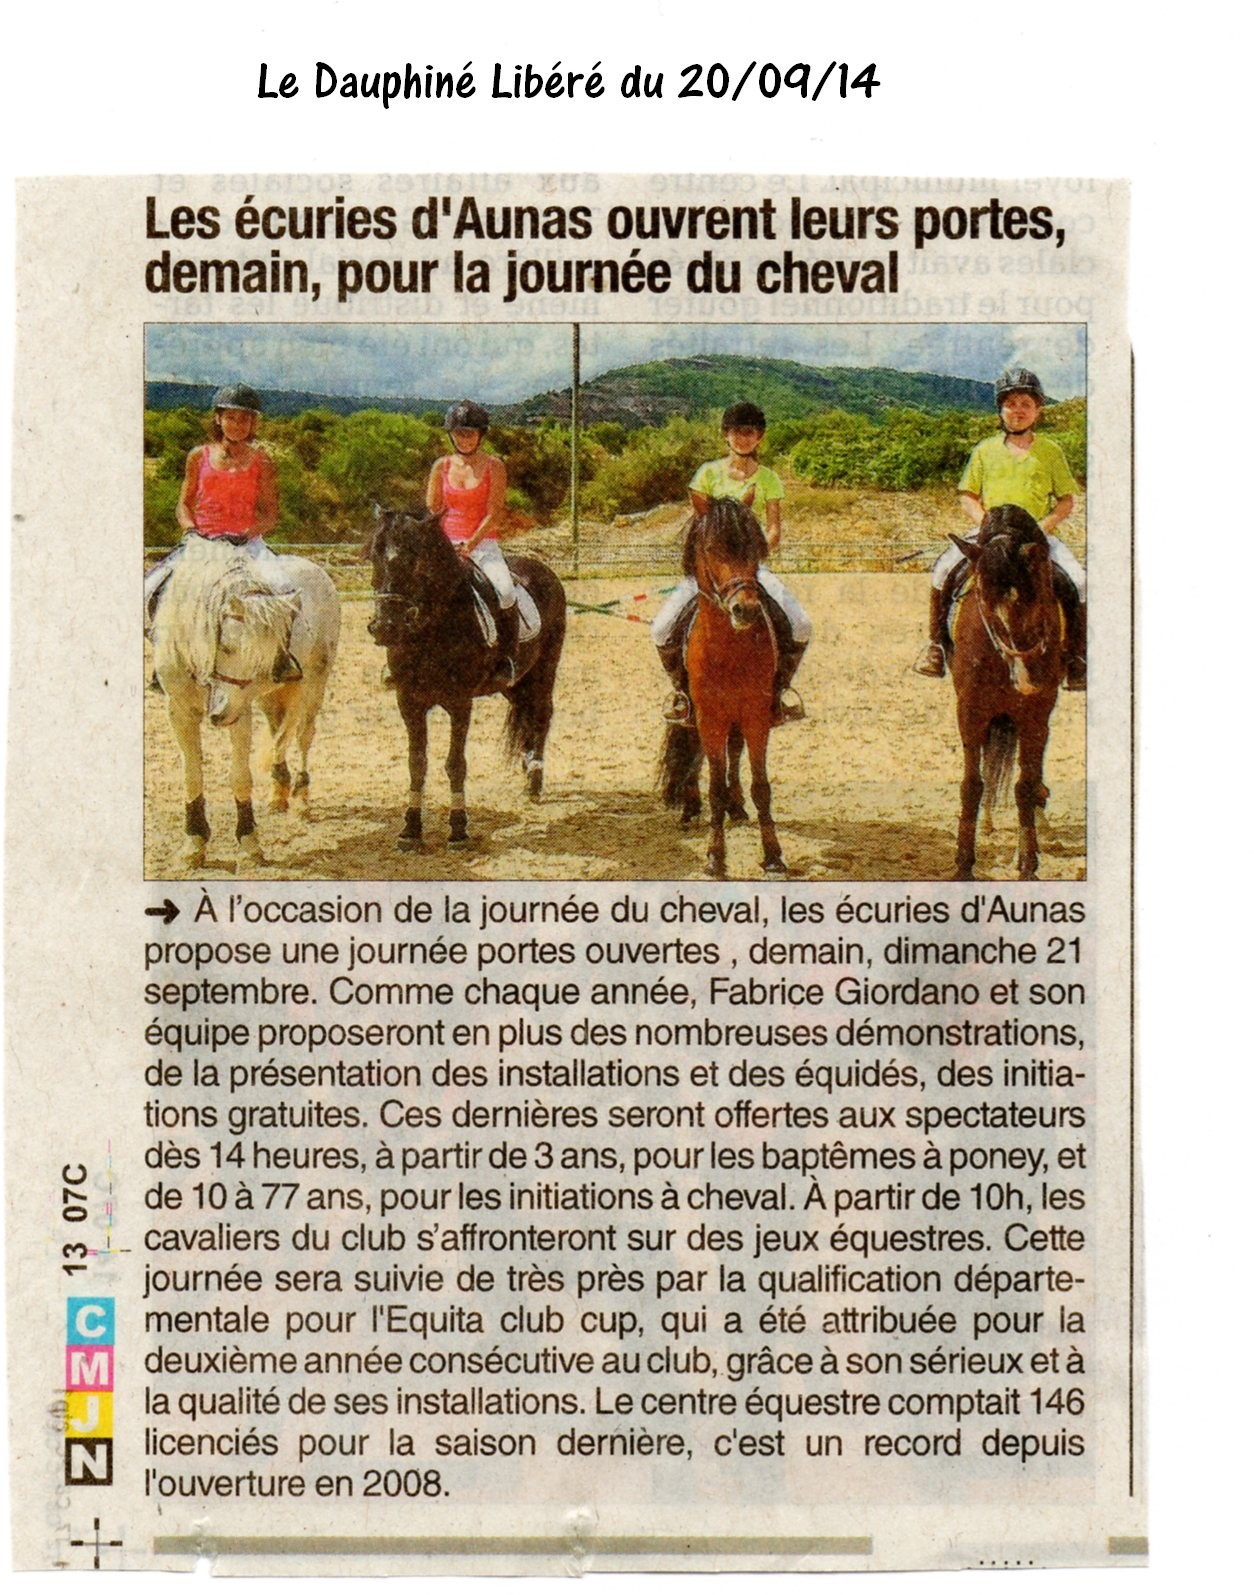 Fete du cheval 2014